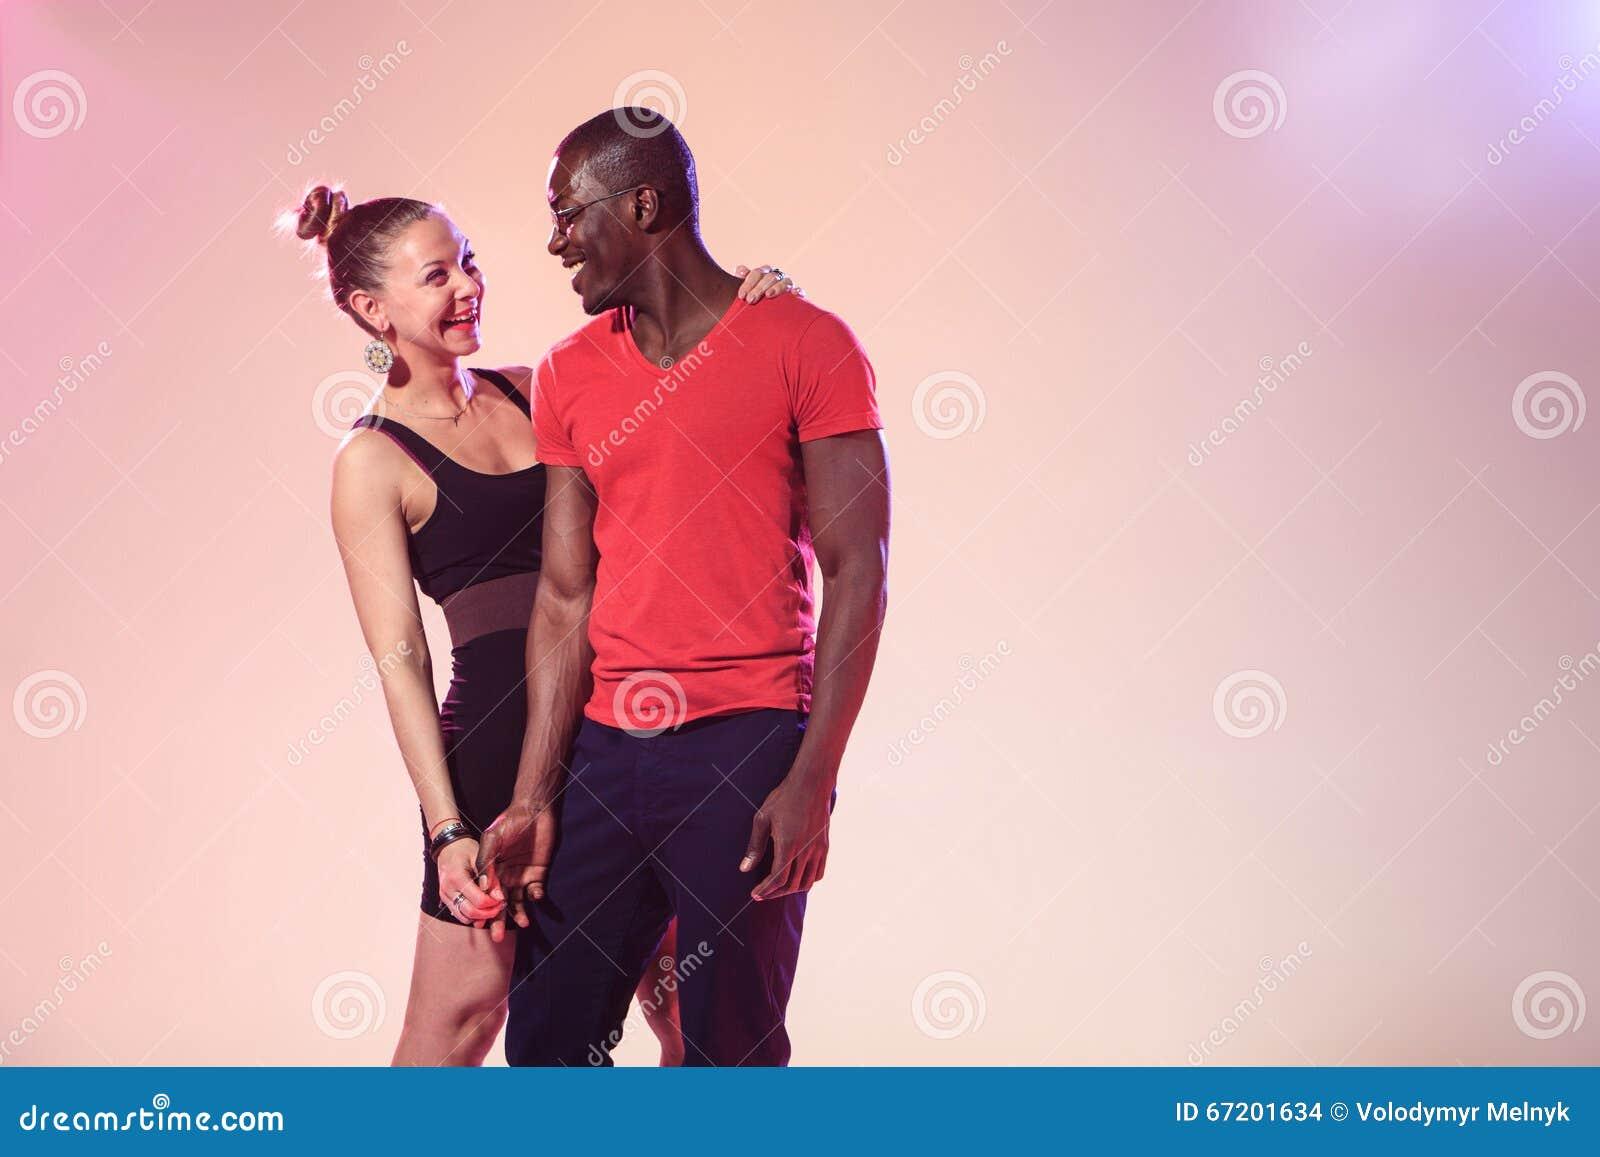 man Posing with white girl black